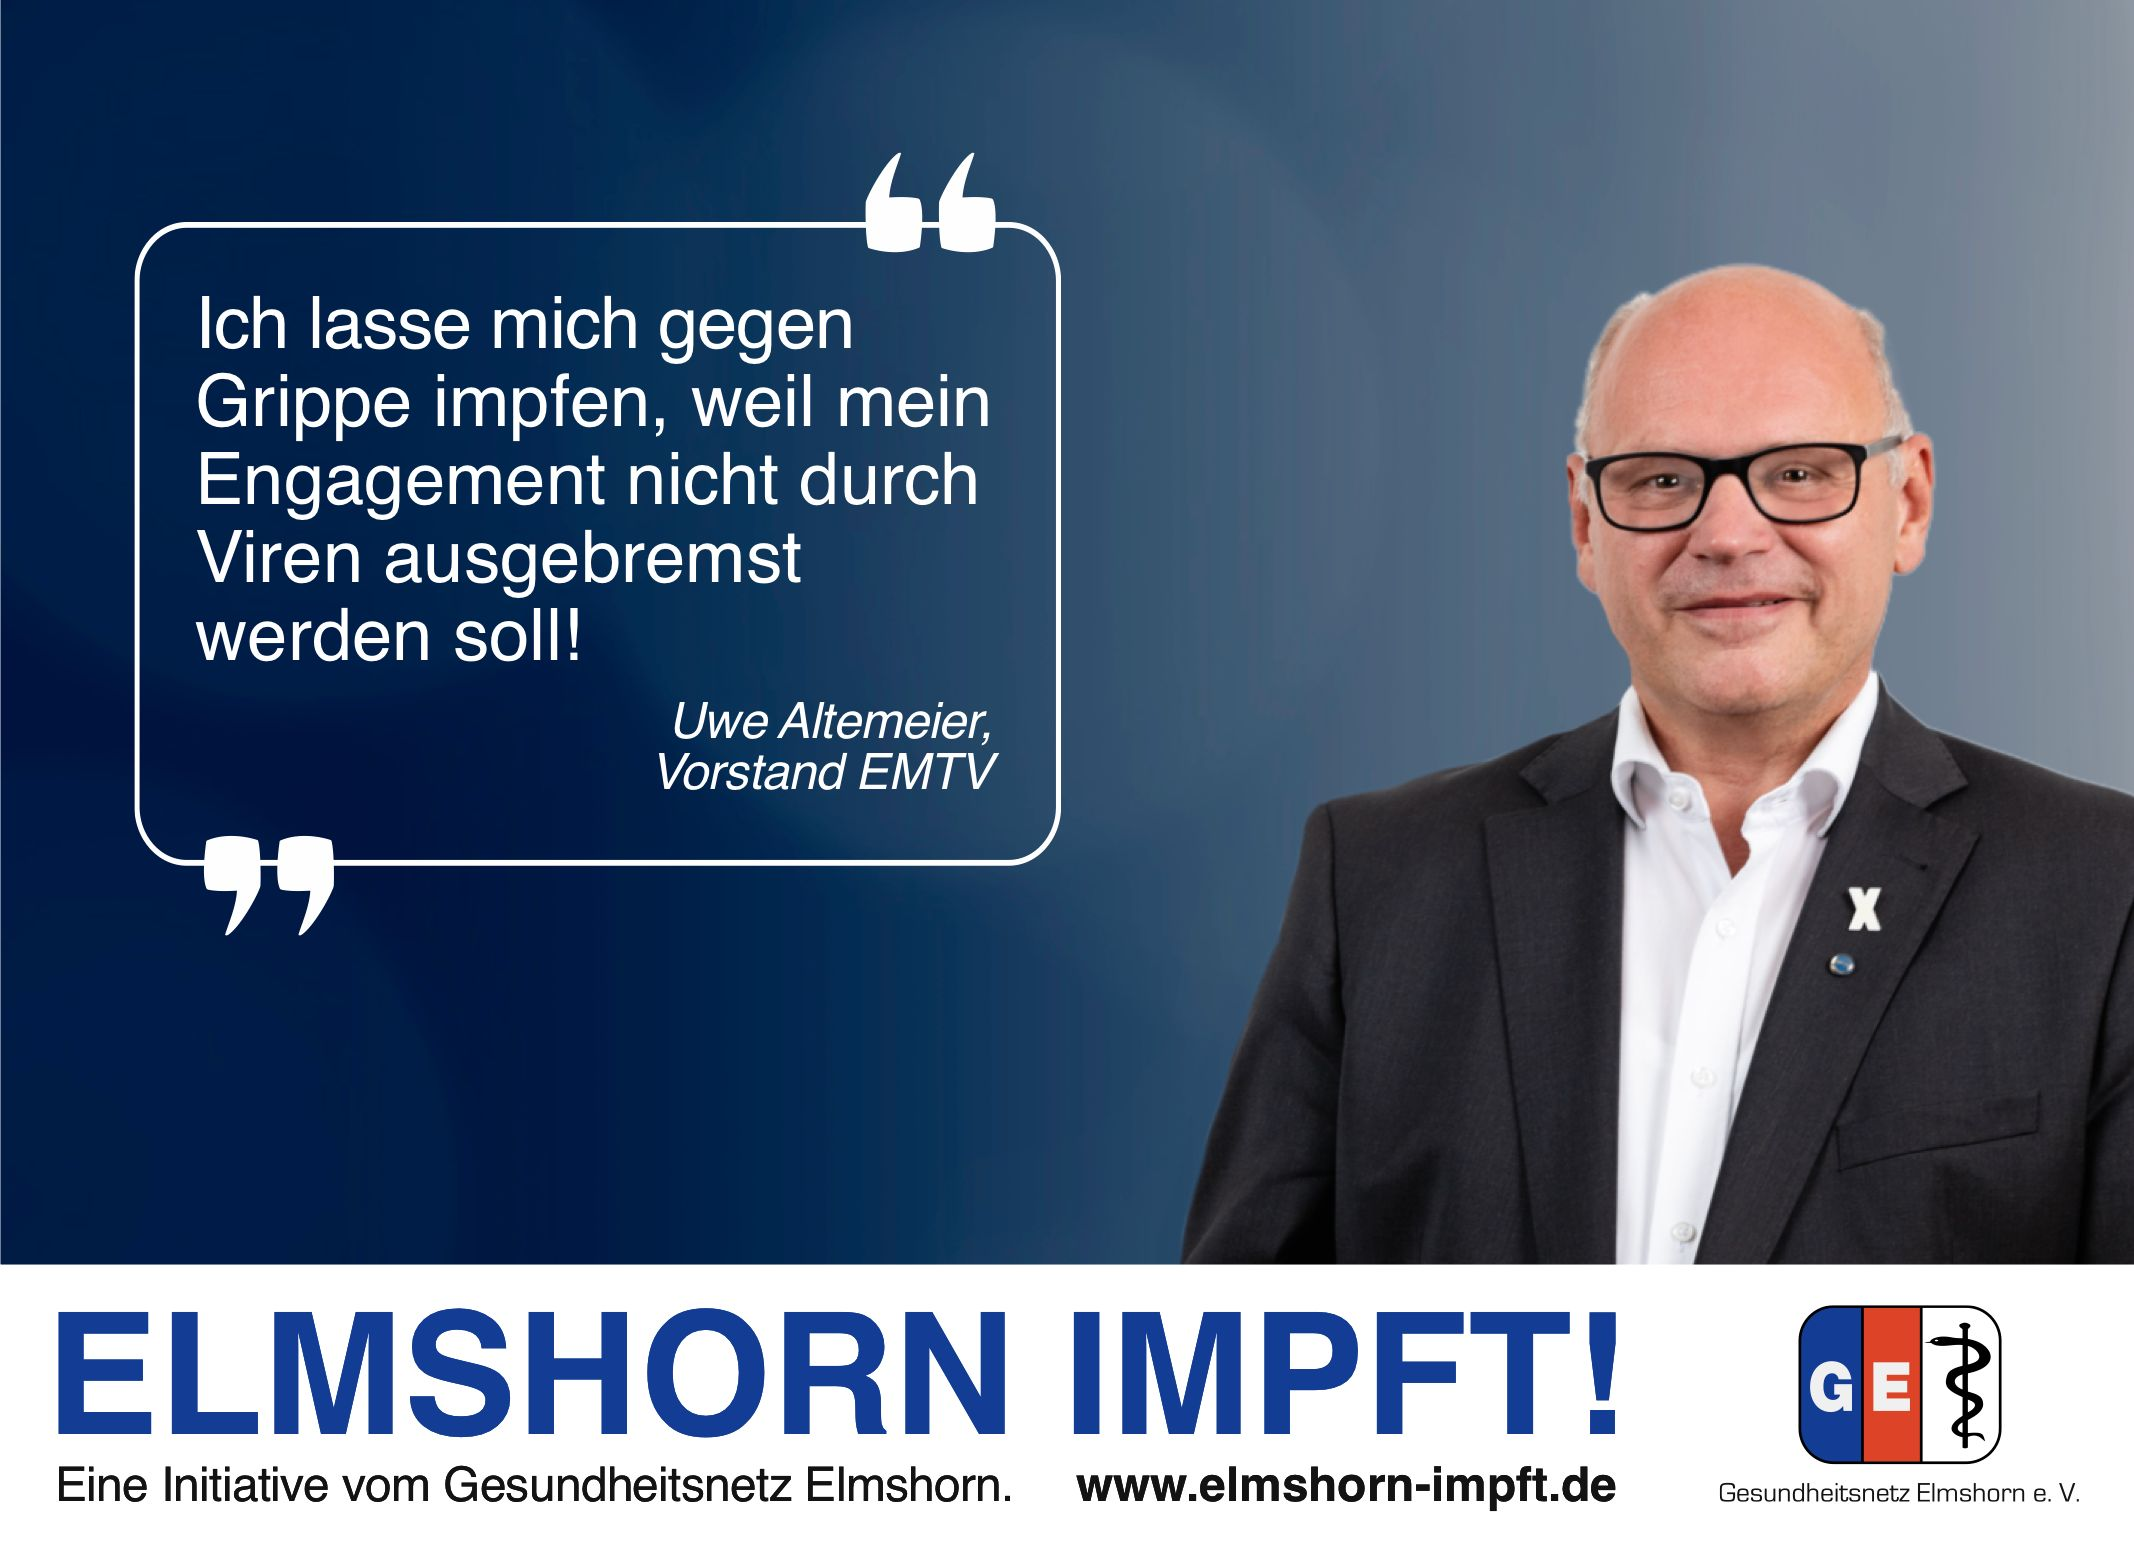 Elmshorn impft Testimonial - Uwe Altemeier